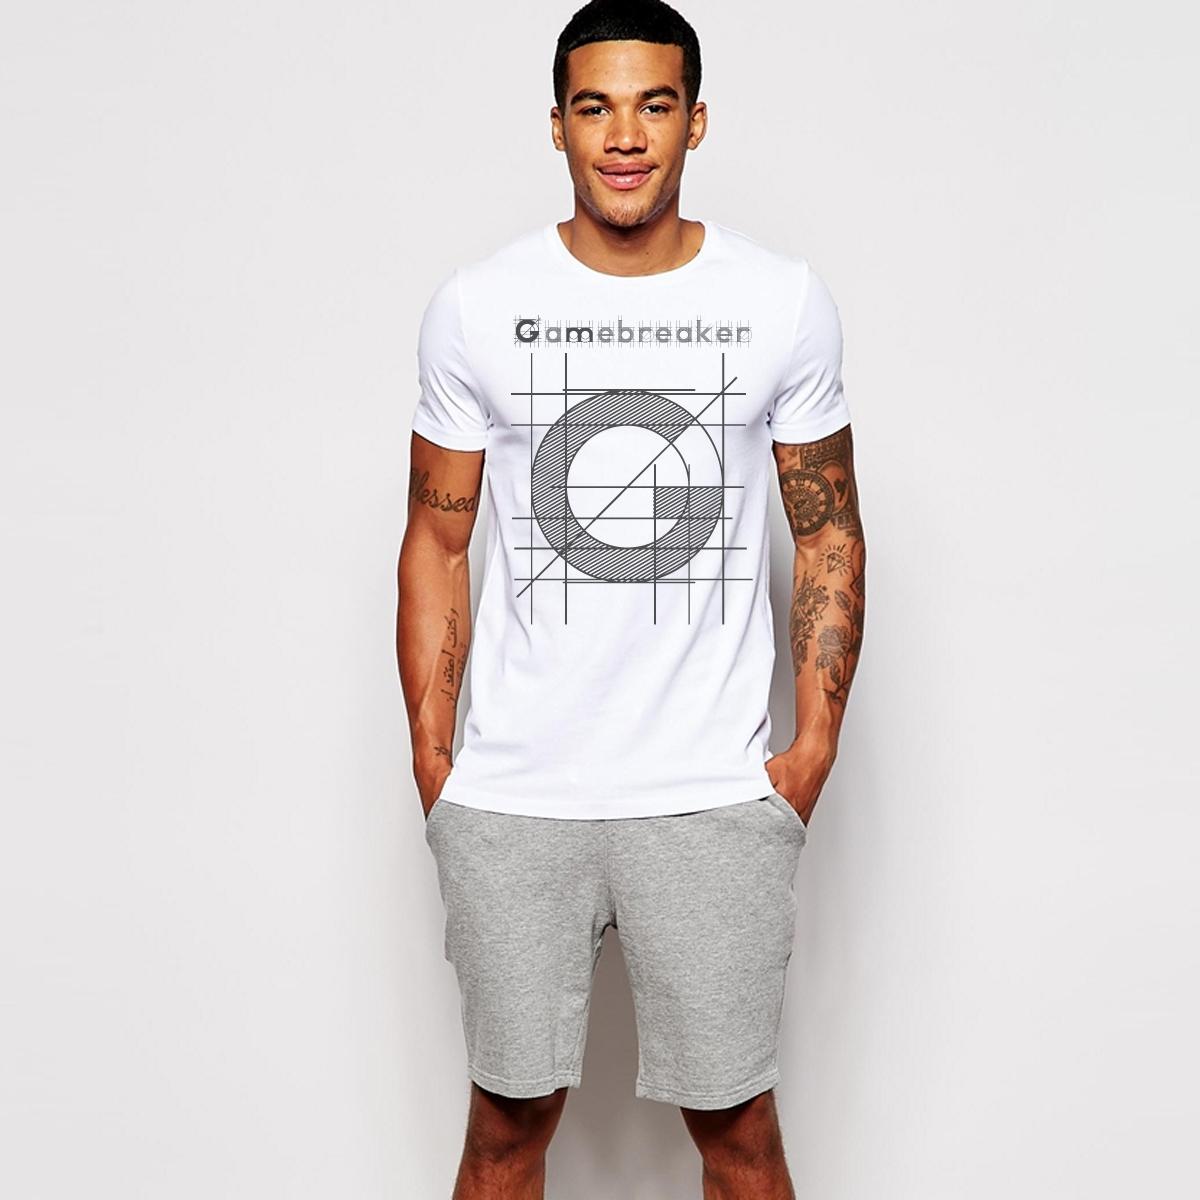 GB-Gamebreaker-G.jpg